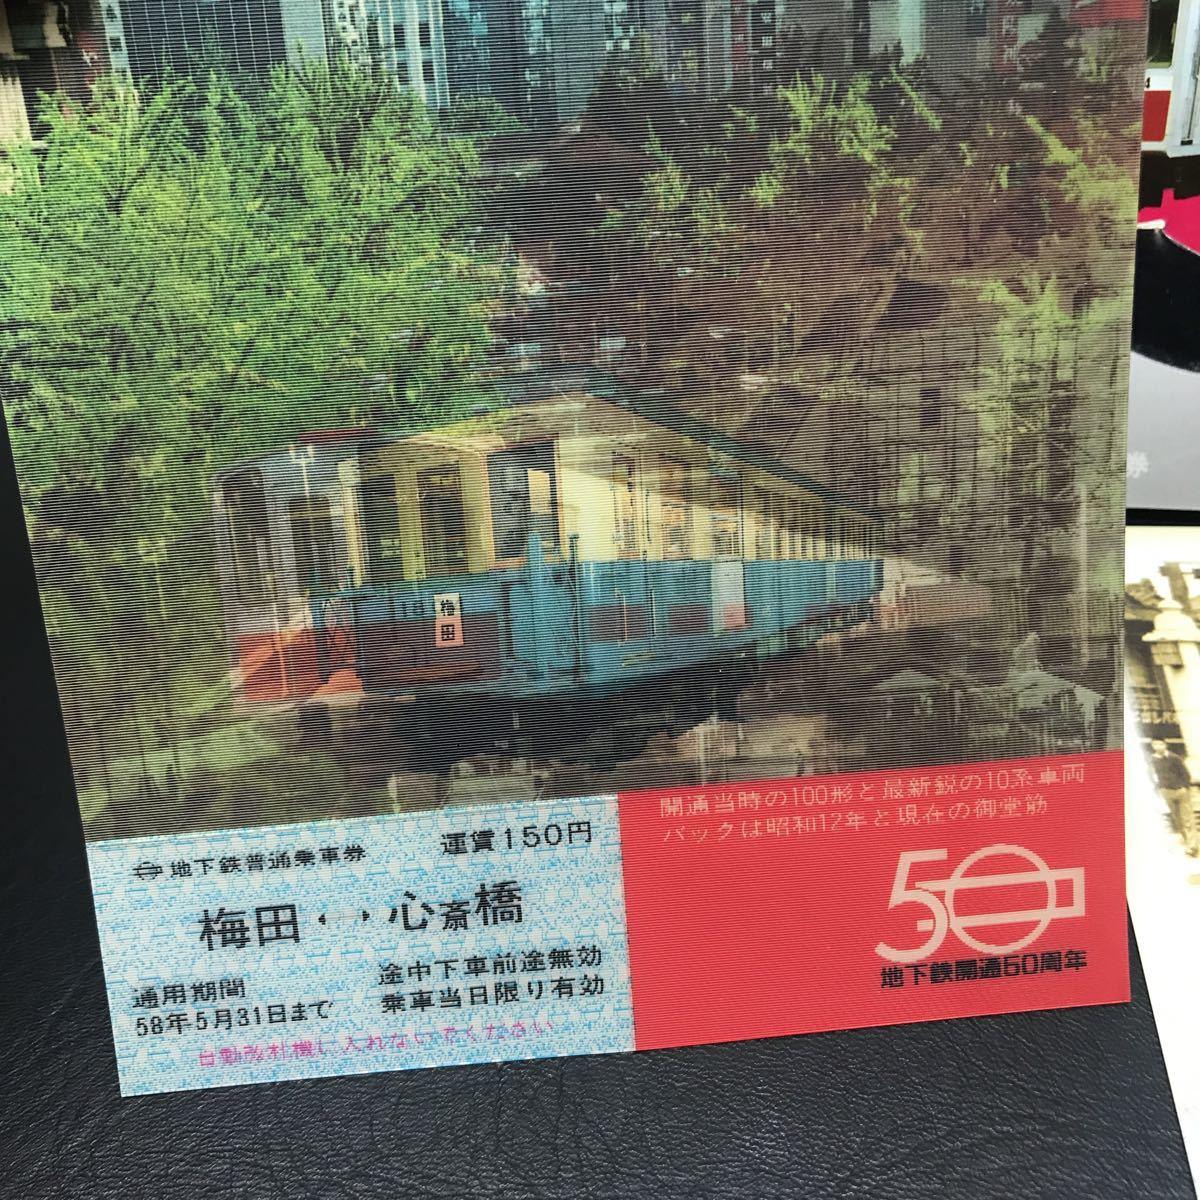 1111 大阪市交通局 地下鉄開通50周年記念乗車券 昭和58年 4枚 当時物 コレクション 鉄道資料_画像7